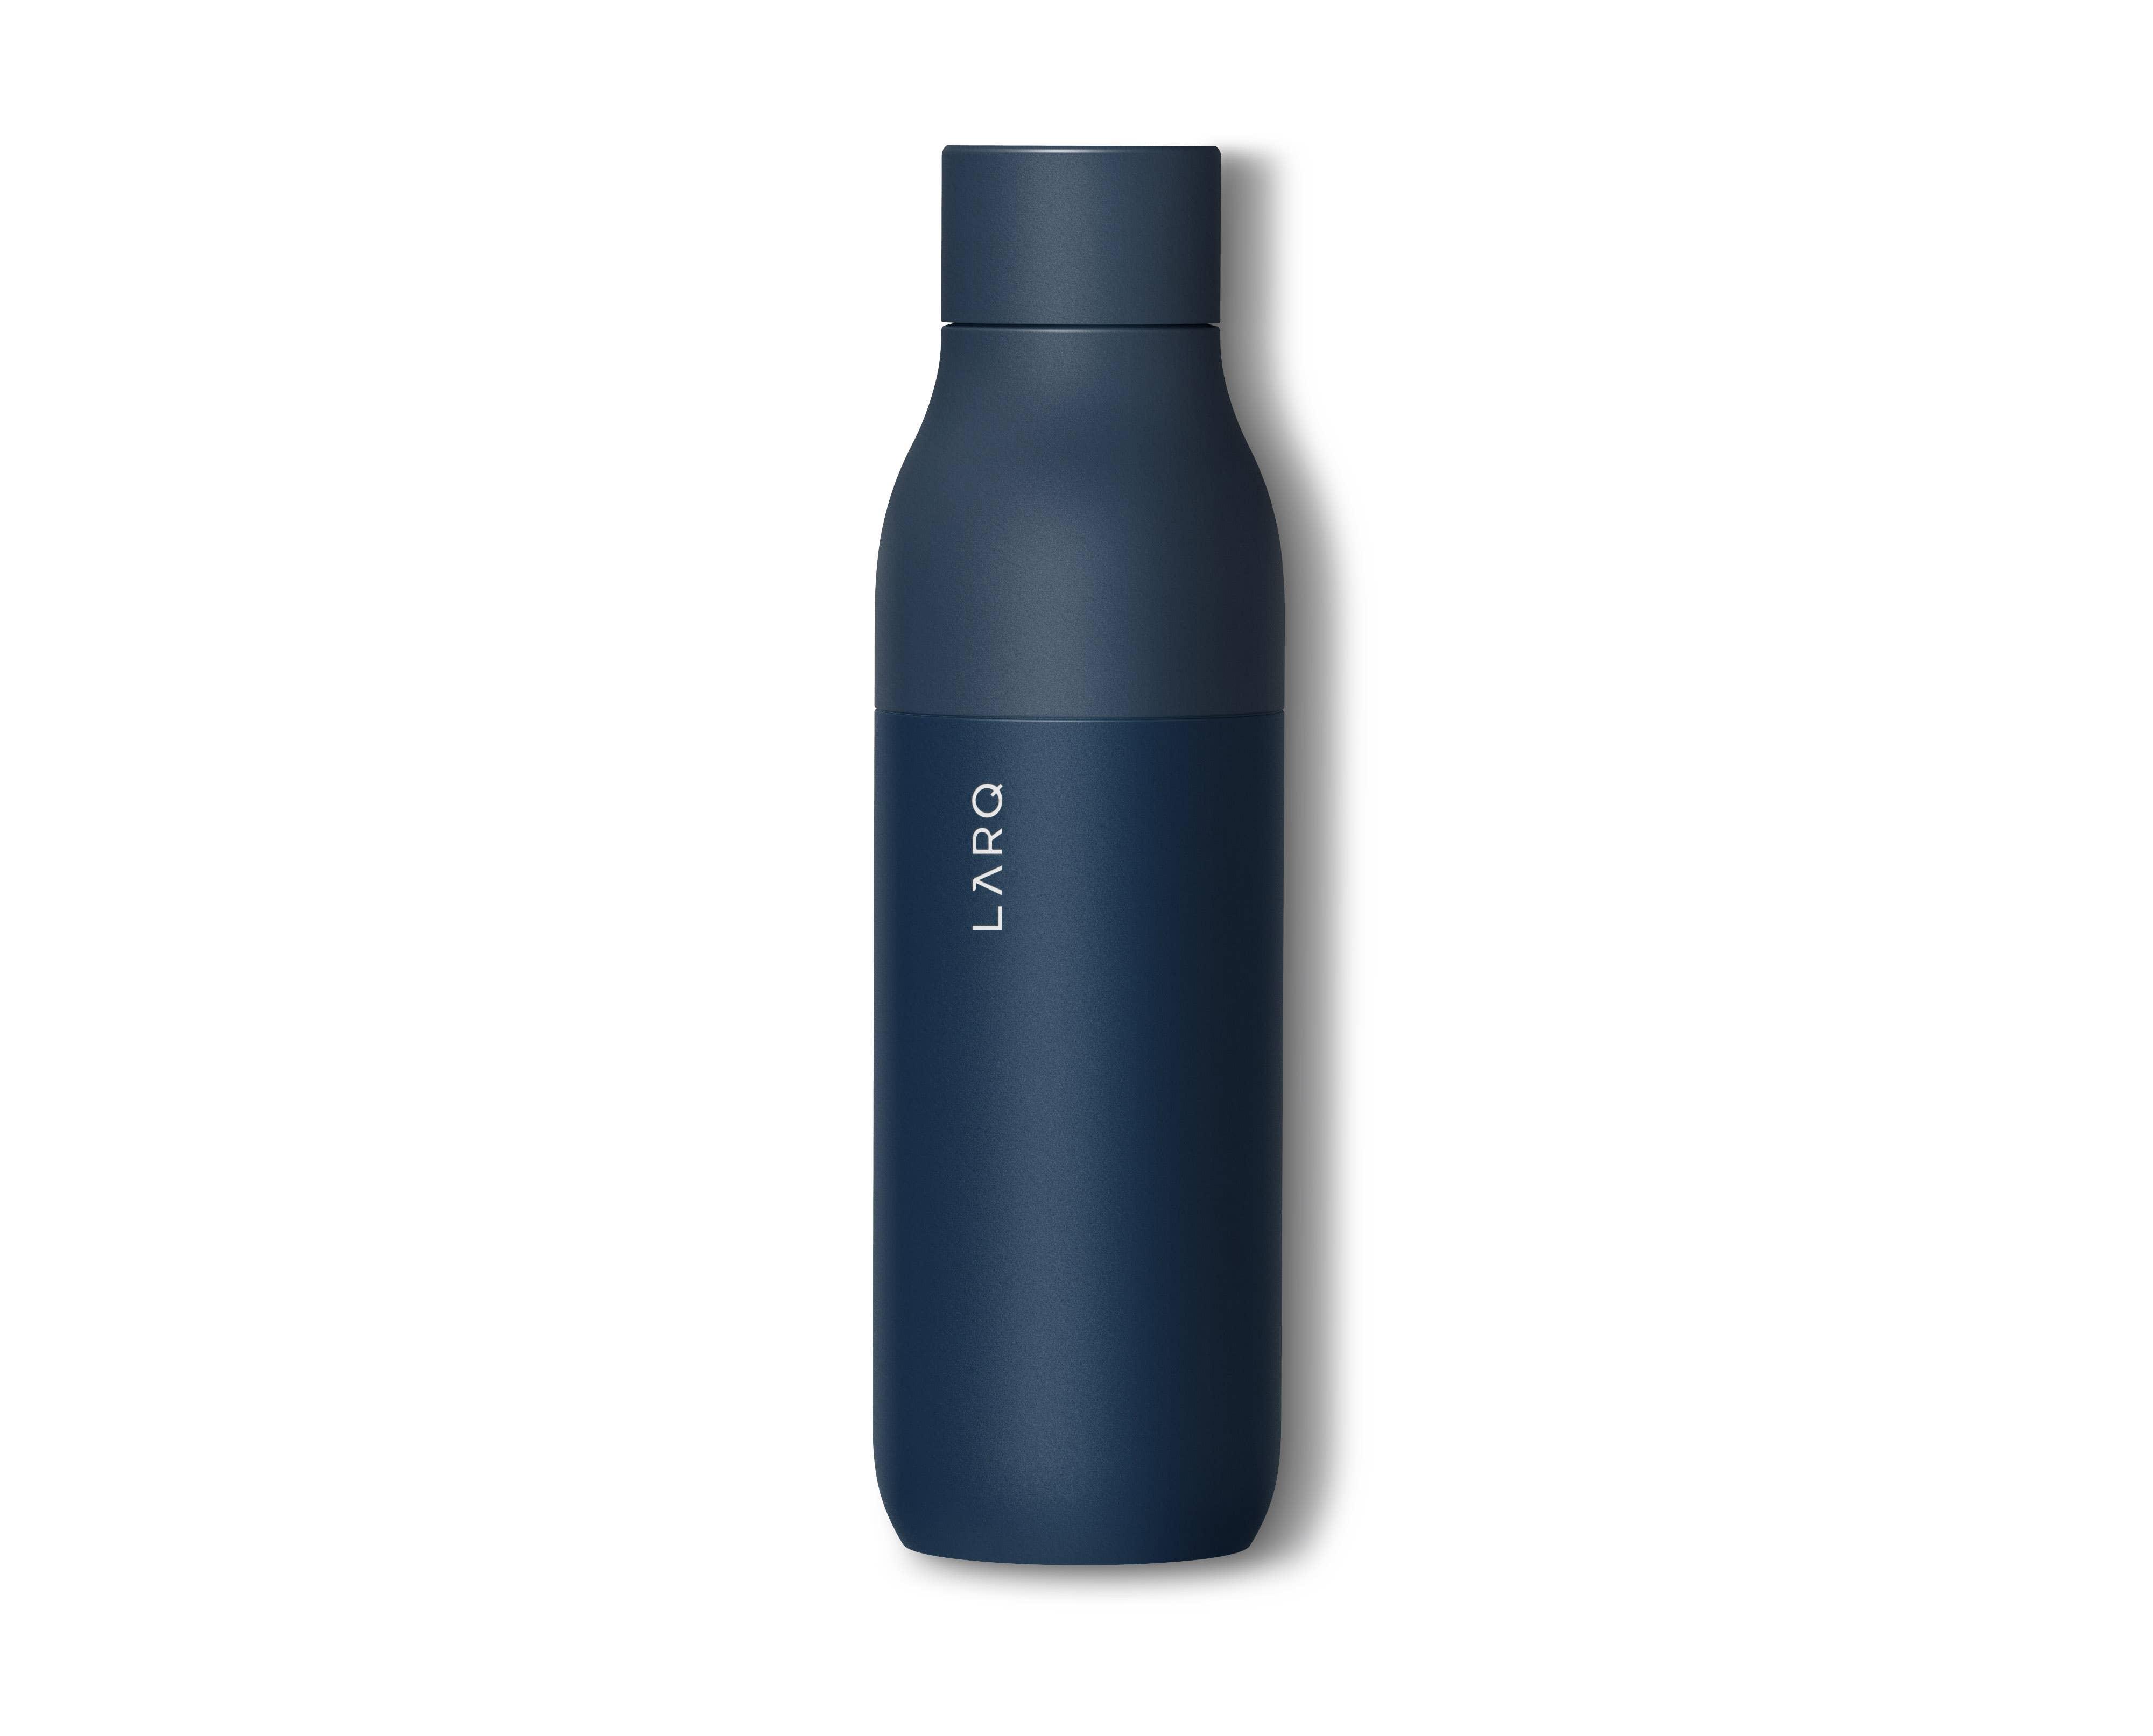 Obsidian Black LARQ self-cleaning bottle 500ml